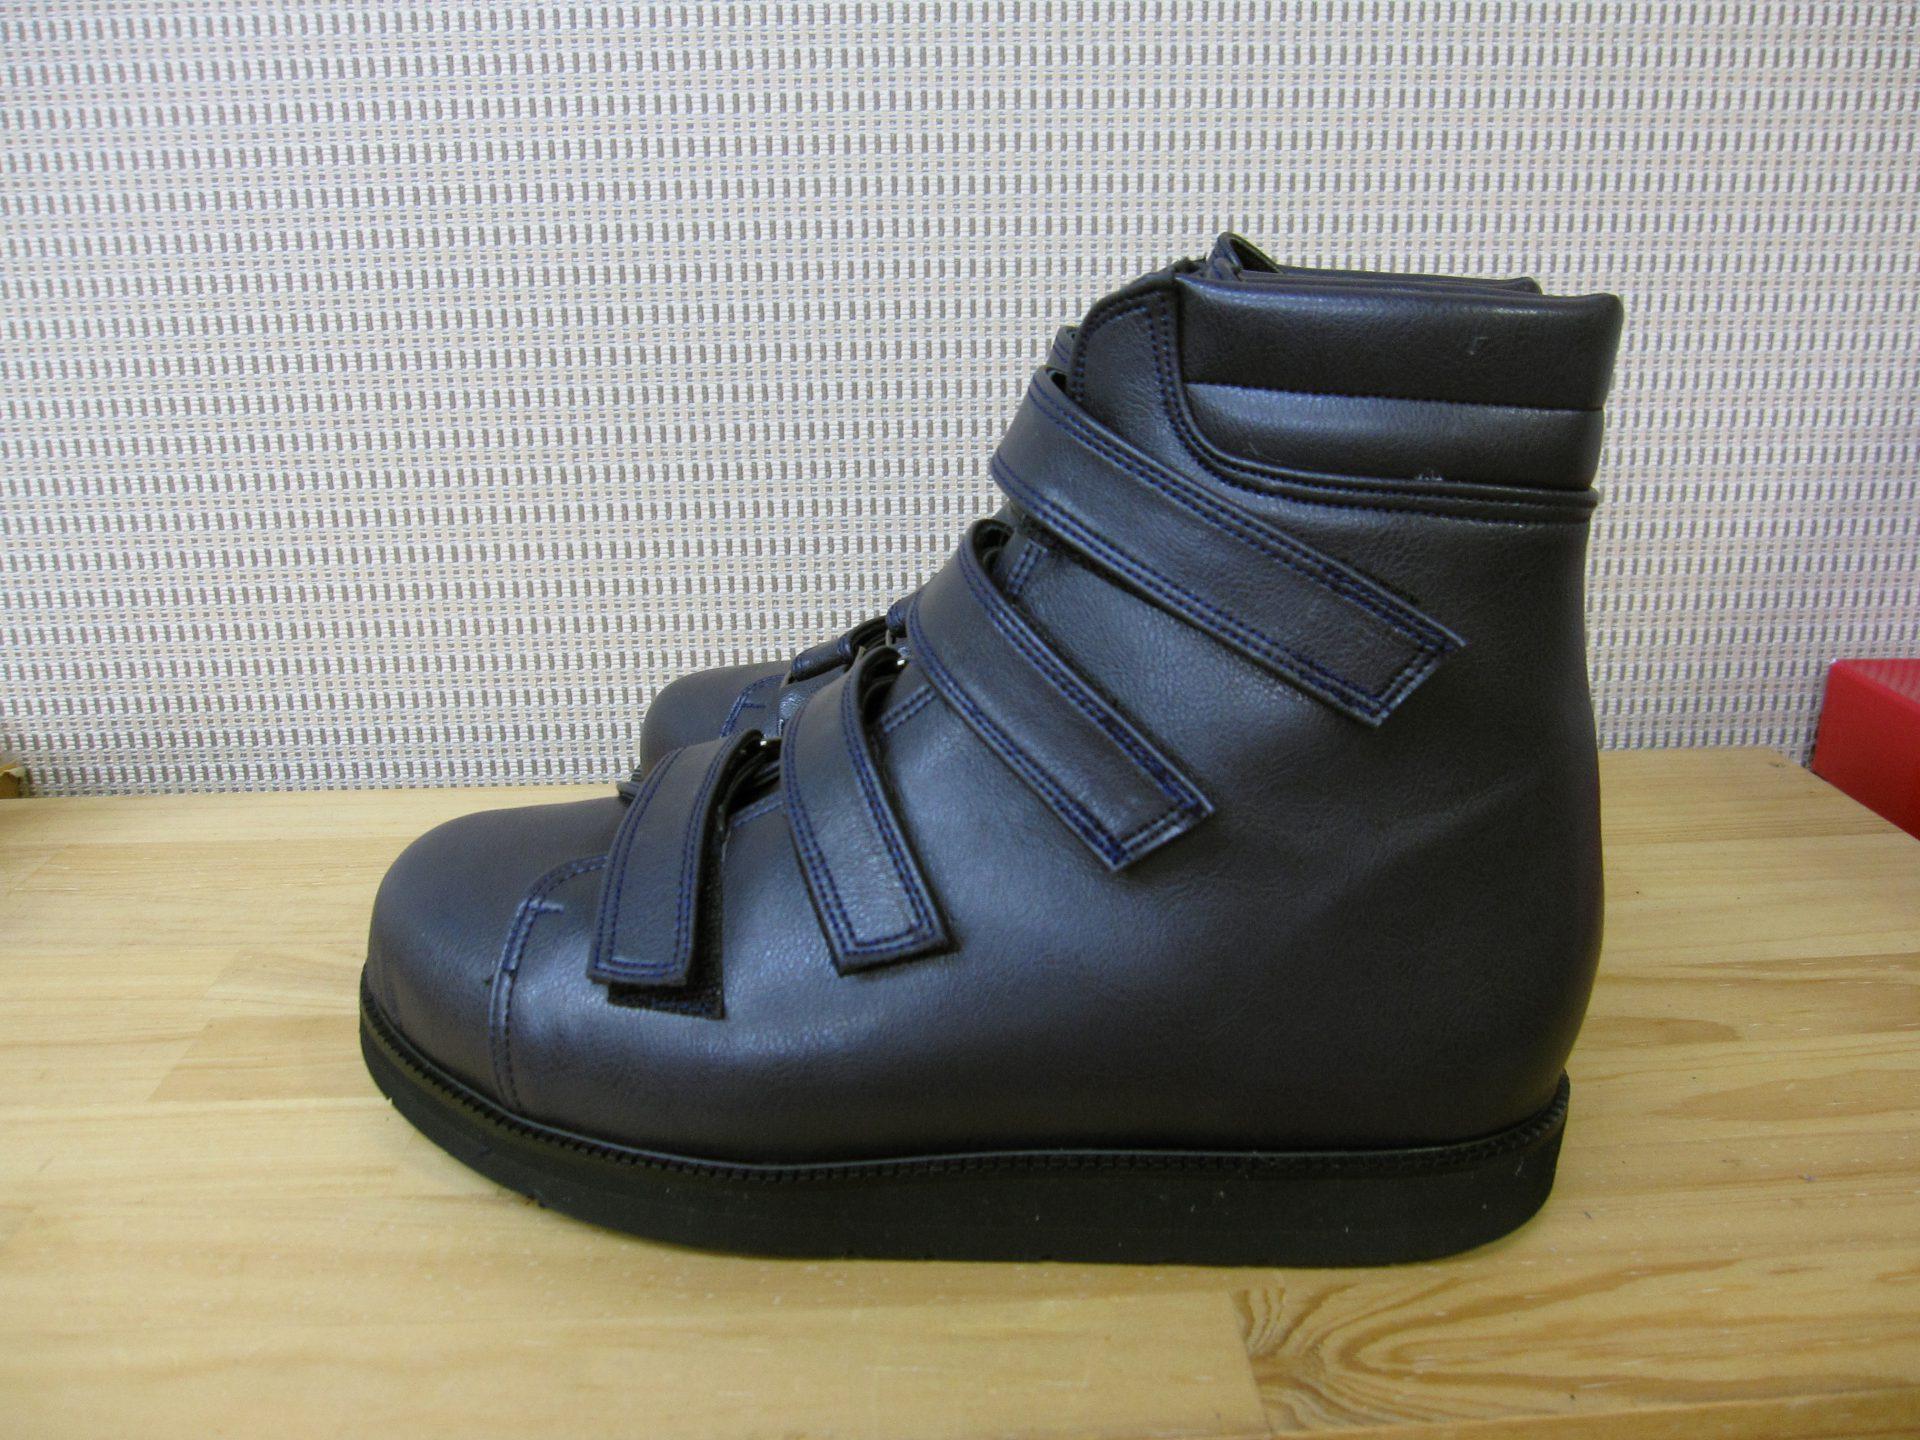 シャルコー・マリー・トゥース病の方にやさしい靴・オーダーメイドシューズ